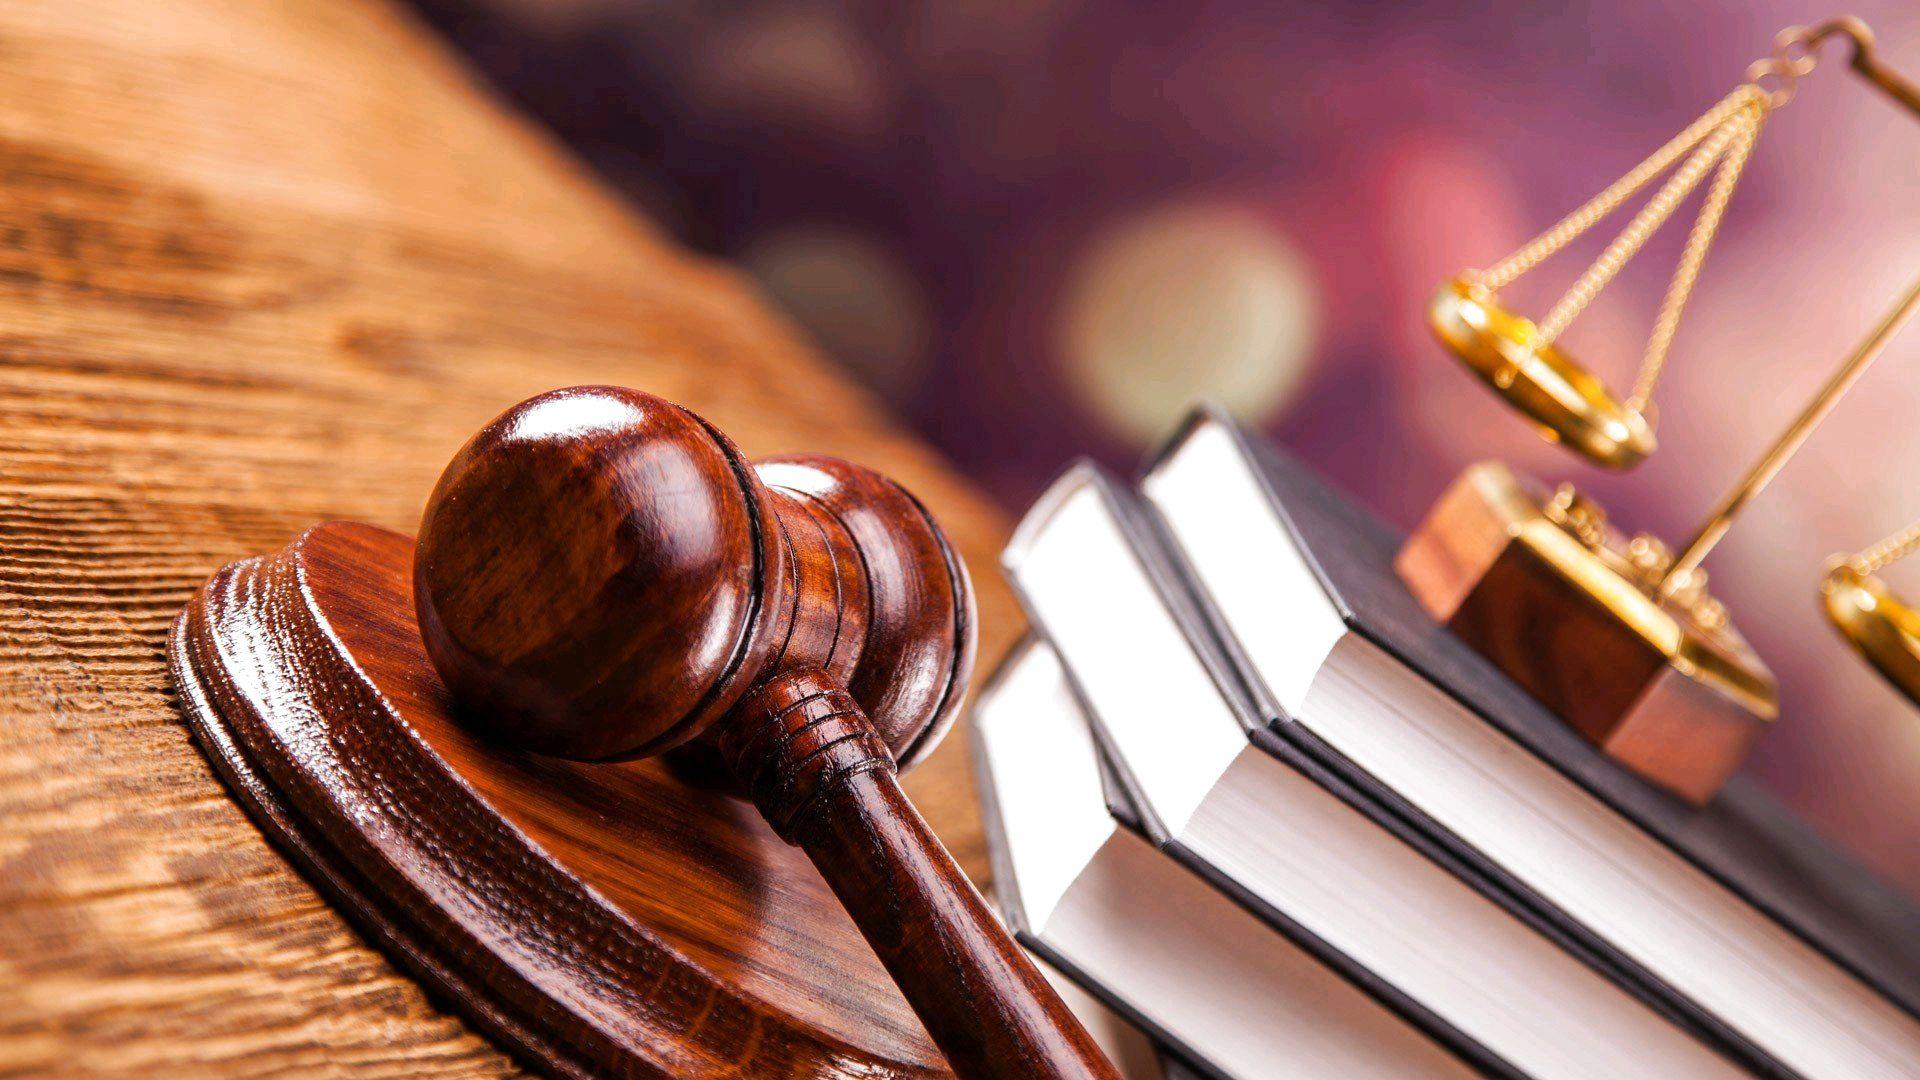 Завтра в місті відбудеться судове засідання у справі чоловіка, затриманого за підозрою у наркоторгівлі.